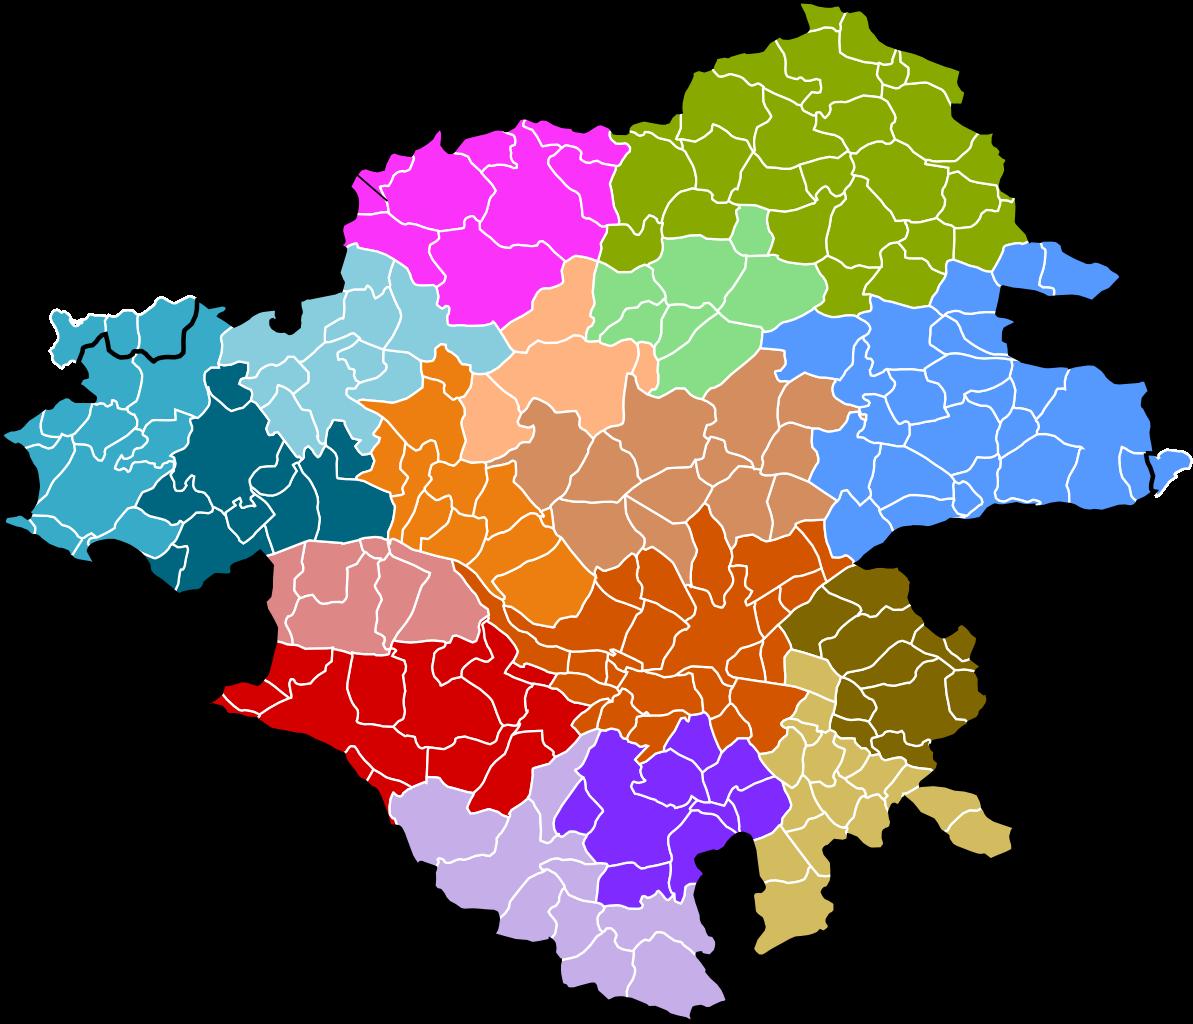 Municipales en Loire-Atlantique : analyse des résultats pour LREM